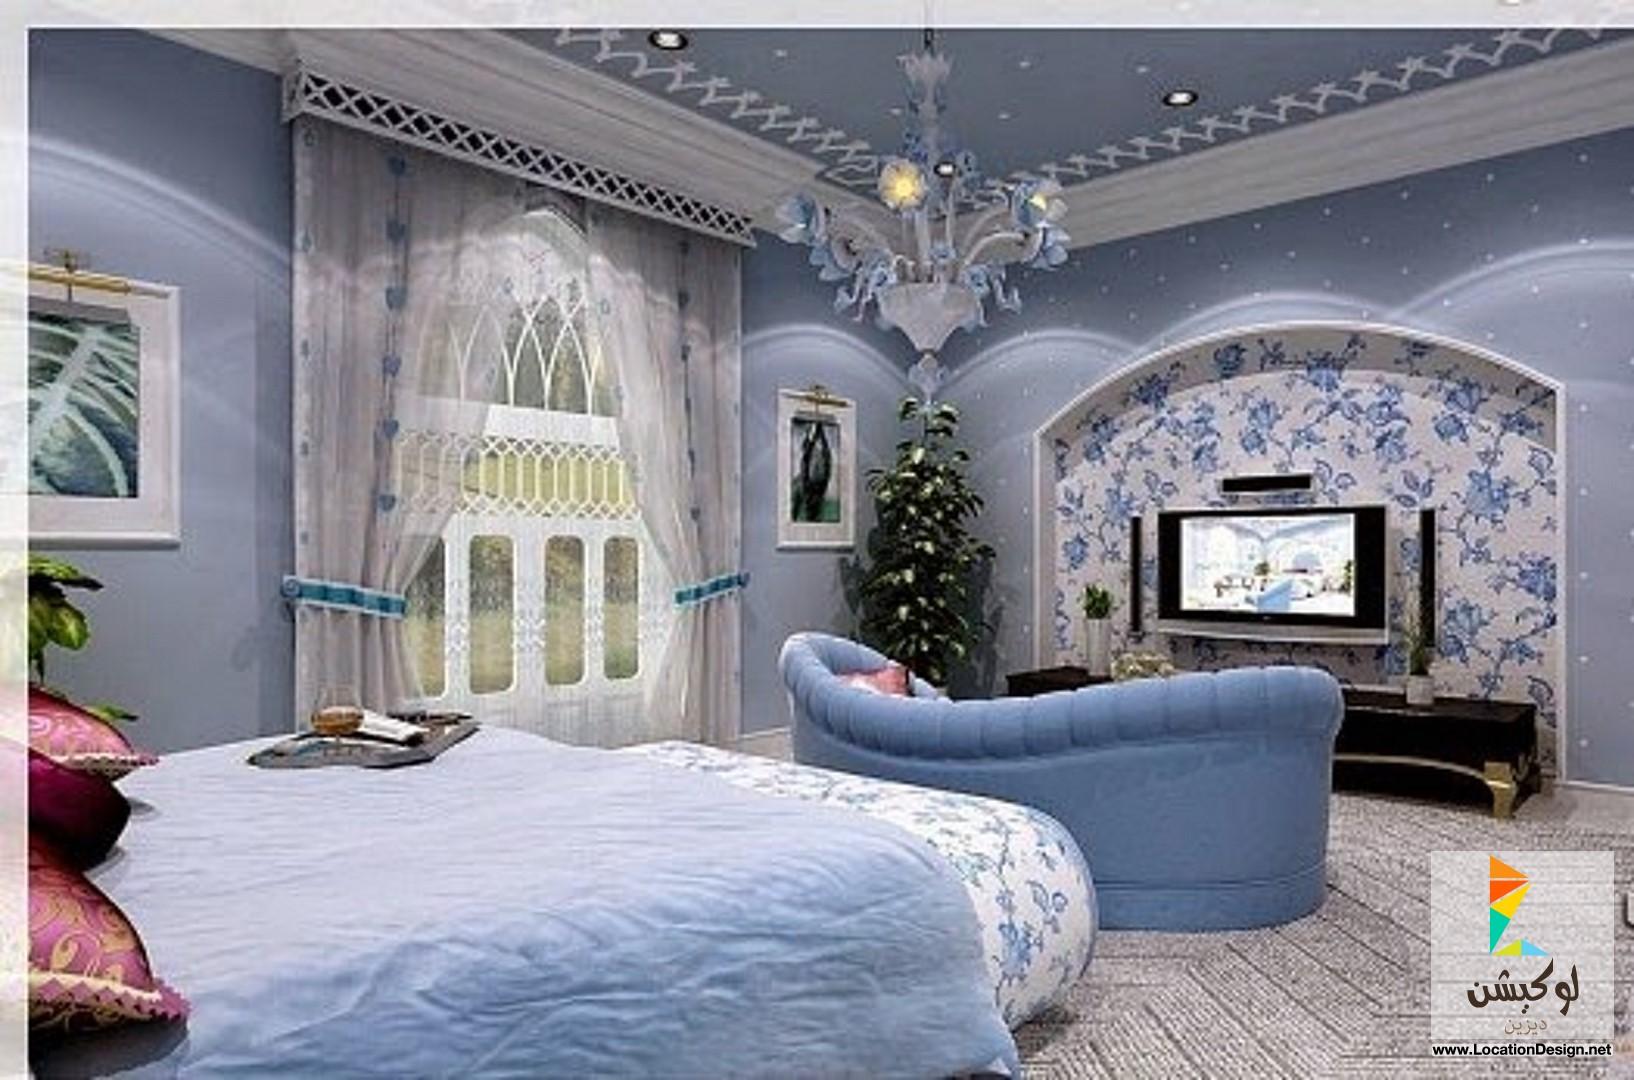 بالصور ديكورات غرف النوم الرئيسية , احدث الديكورات لغرف النوم الرئيسية 993 5